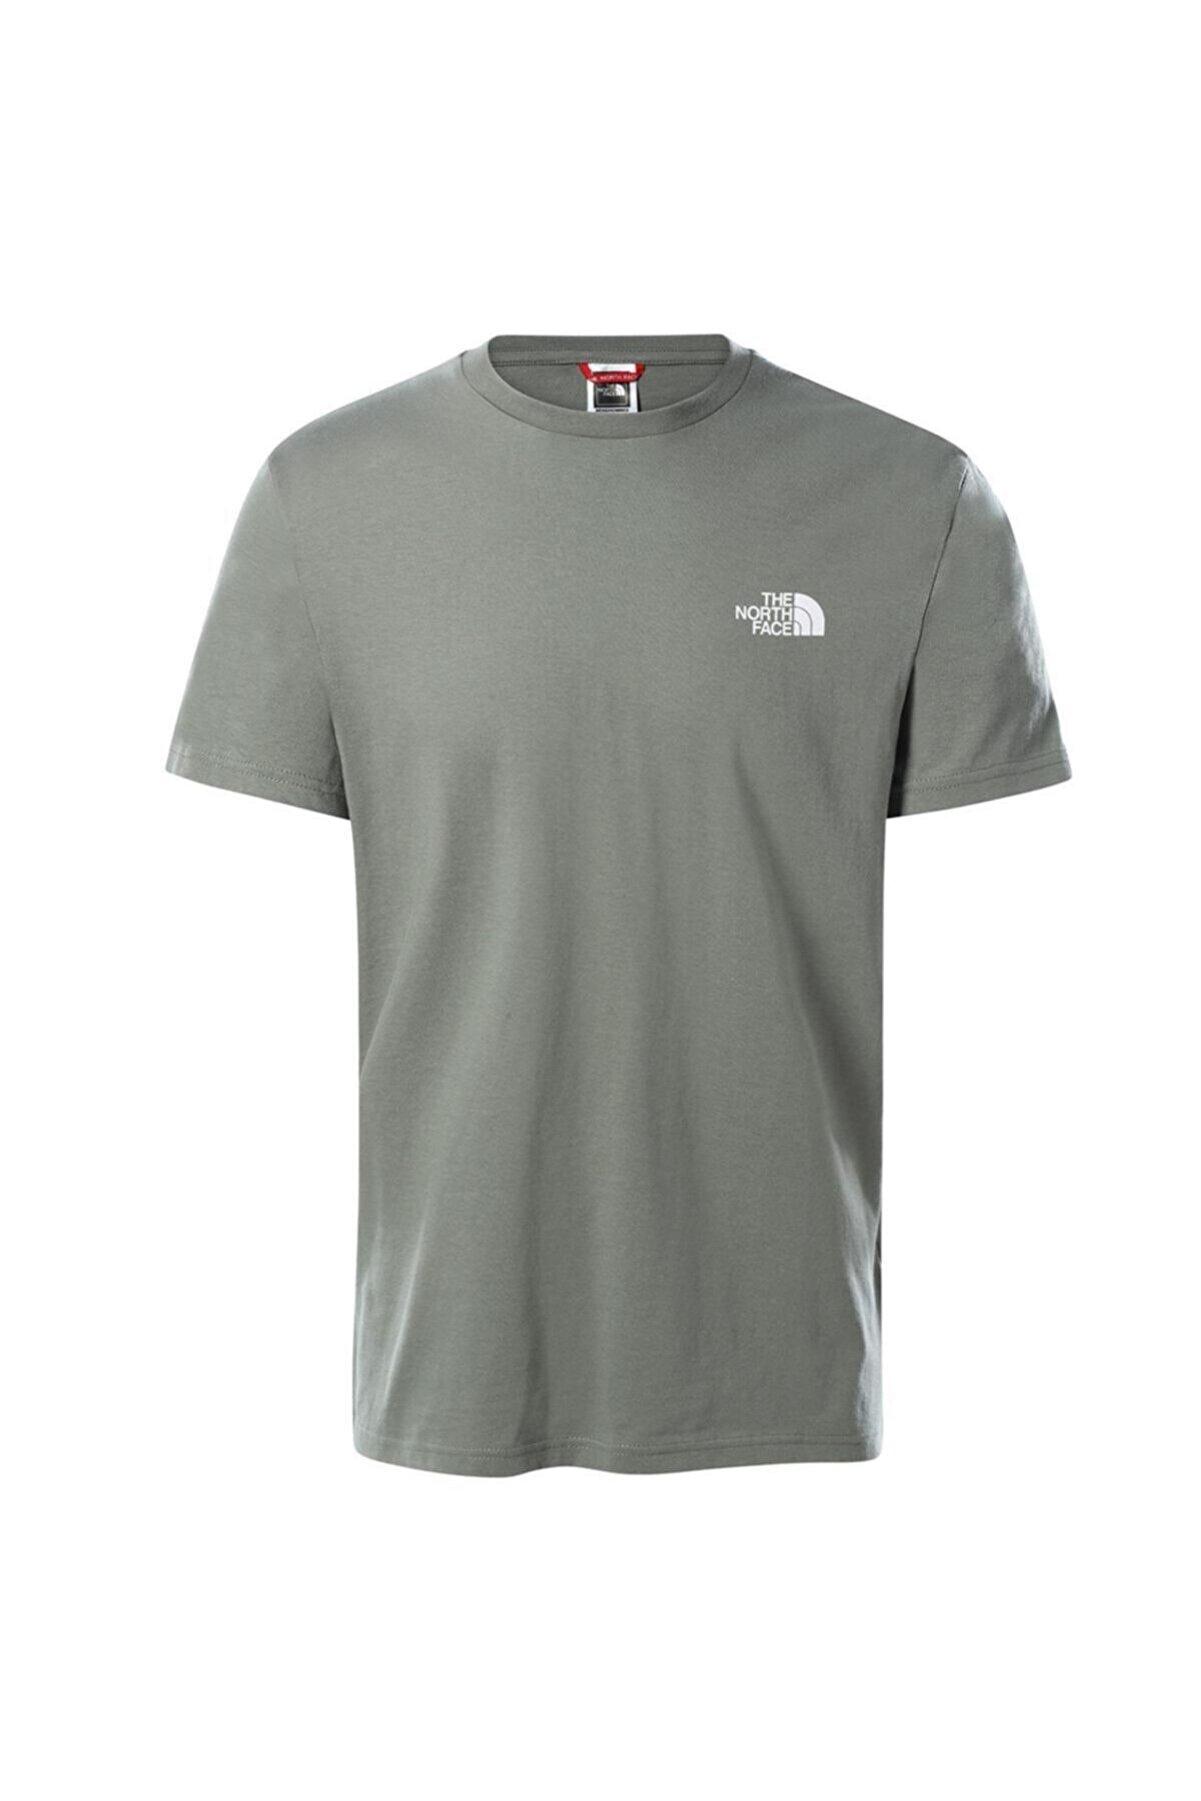 The North Face Erkek Gri Sımple Dome Tişört